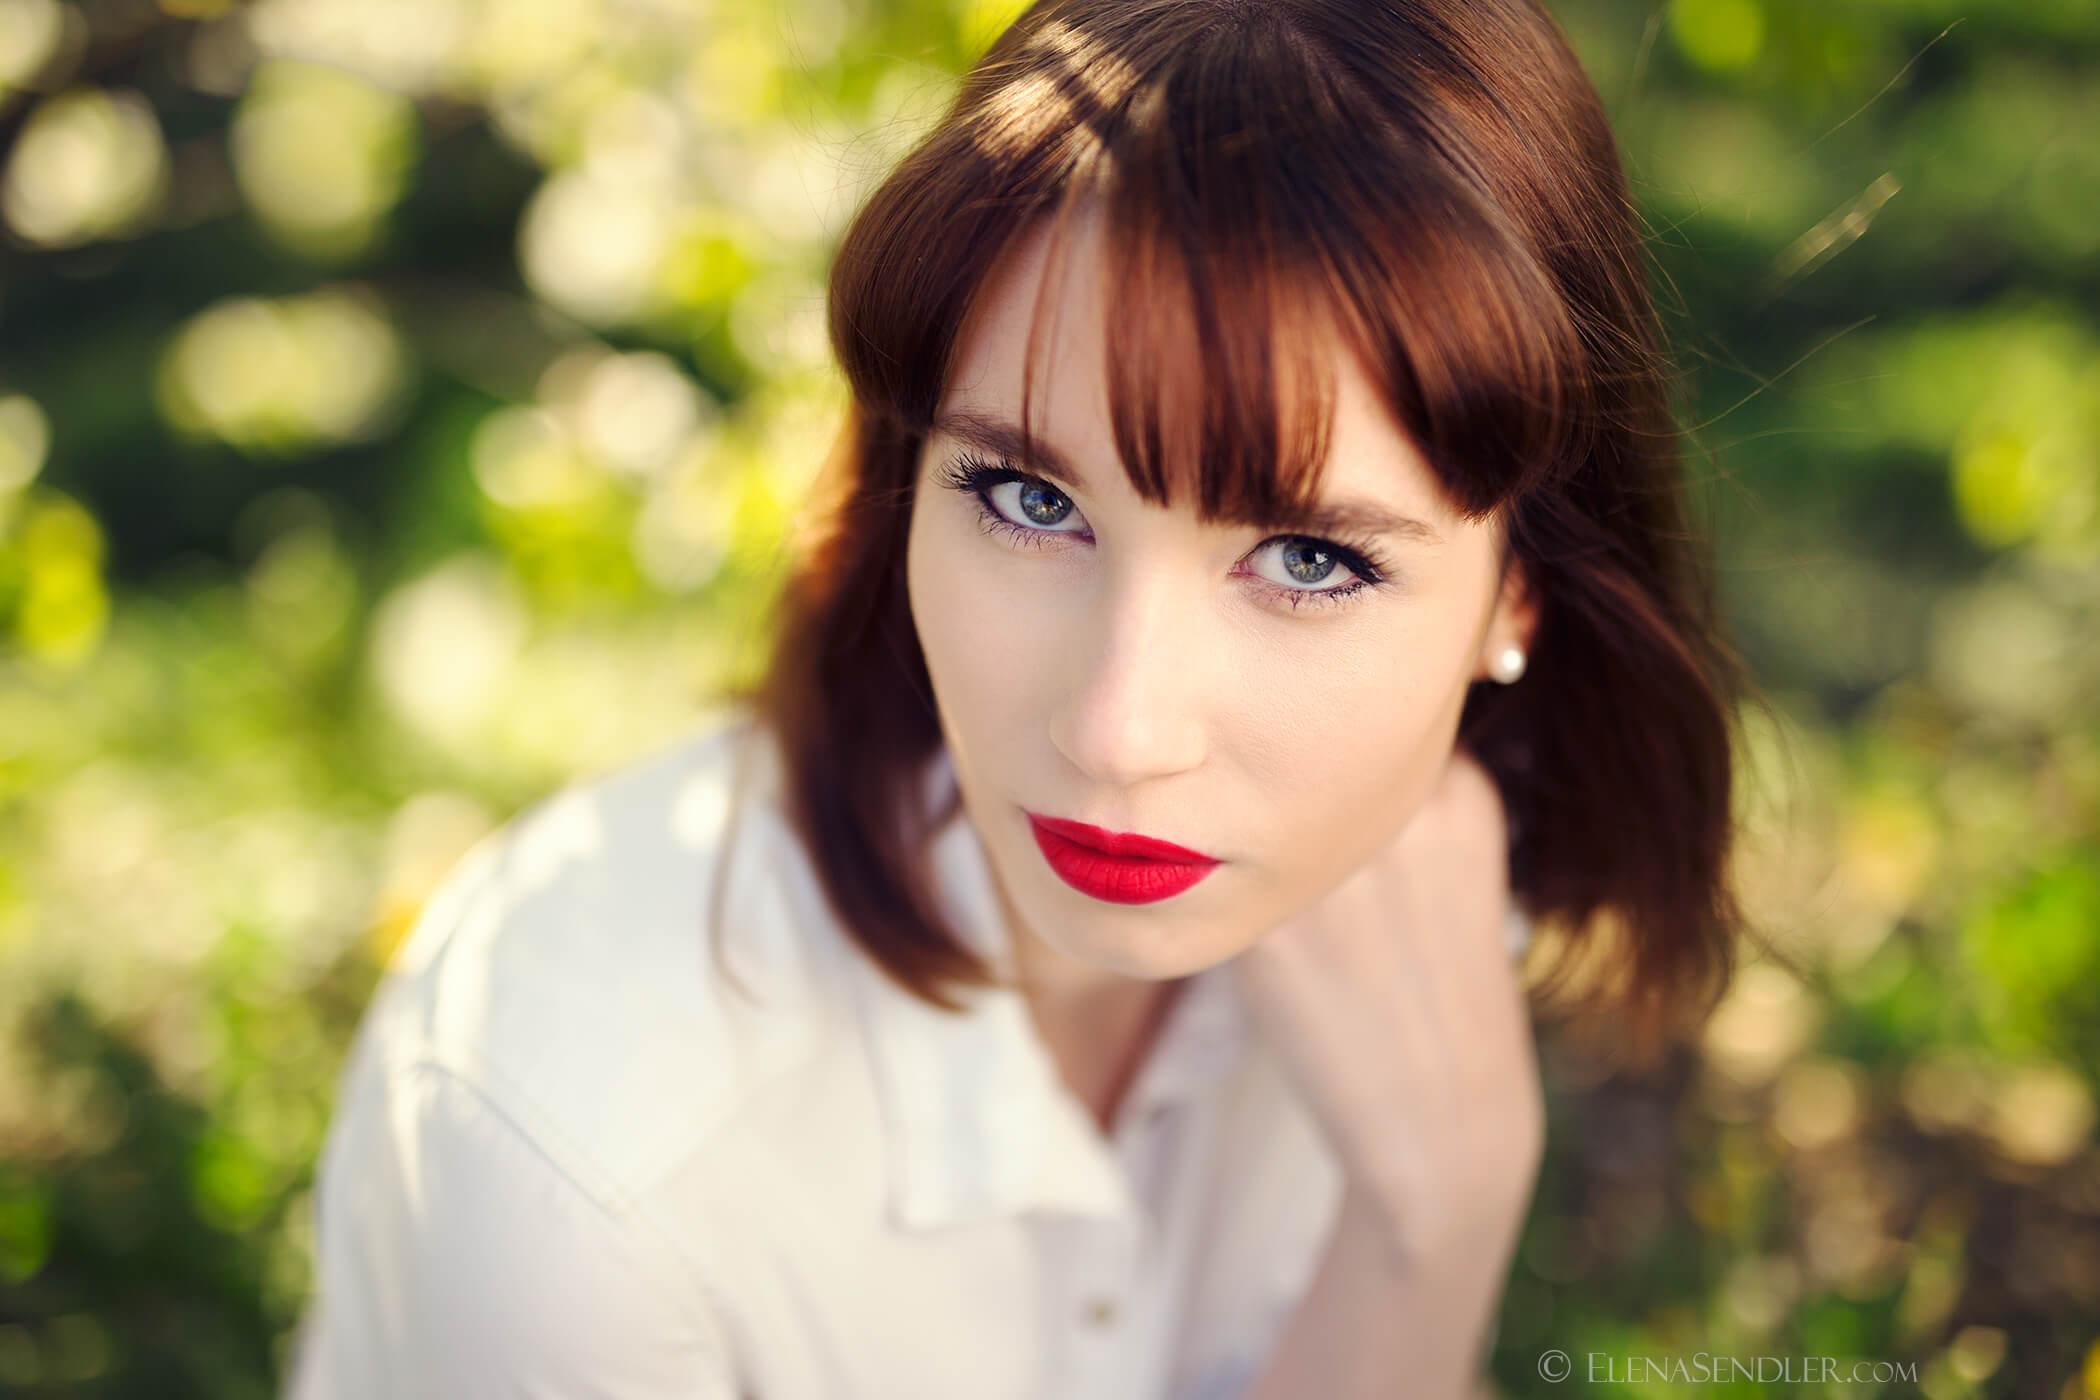 Elena_Sendler_Zala_Zagoricnik_green_spring_1